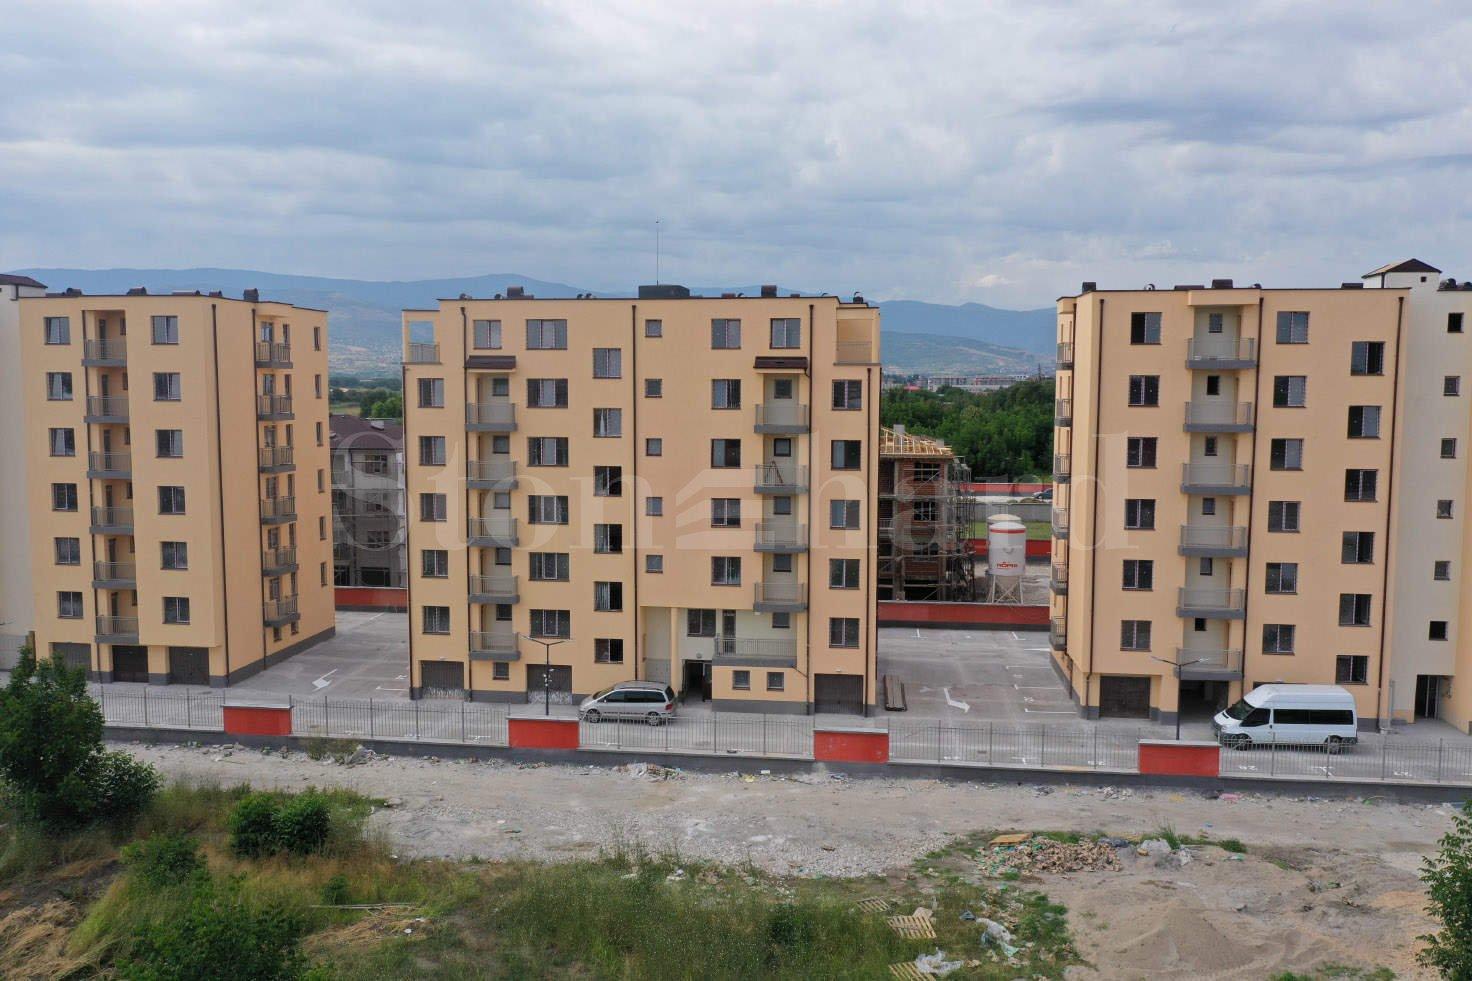 Апартаменти на атрактивни цени до 650 €/м² в нова сграда с АКТ 161 - Stonehard